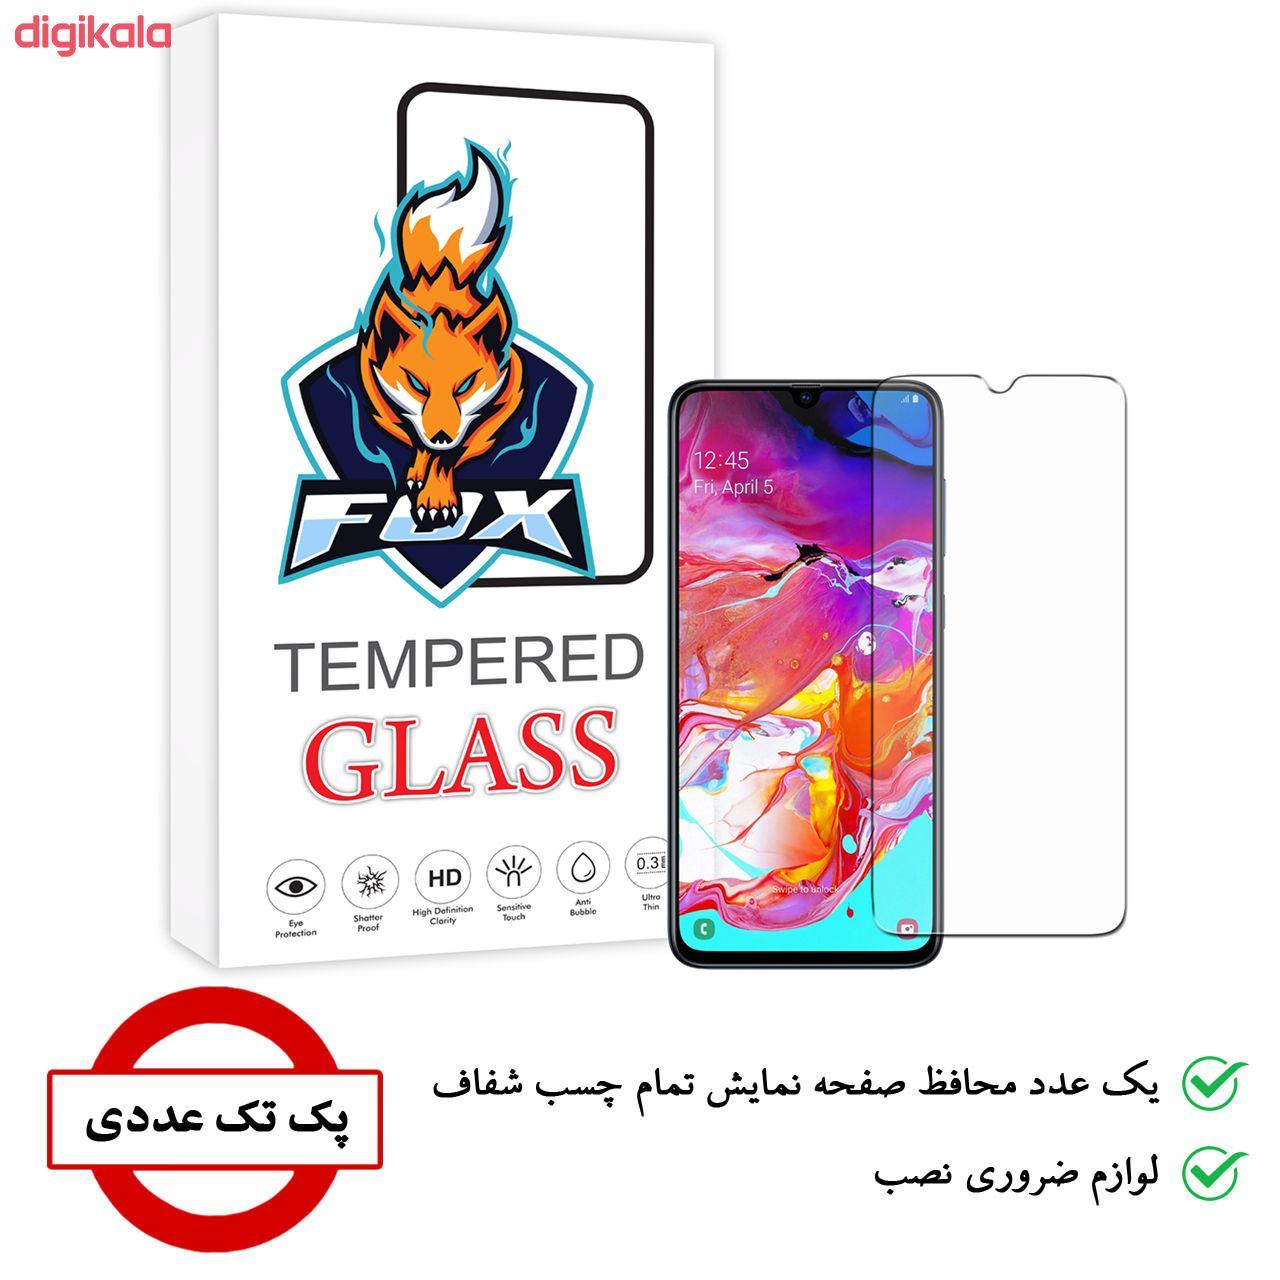 محافظ صفحه نمایش فوکس مدل PR001 مناسب برای گوشی موبایل سامسونگ Galaxy A70 main 1 1